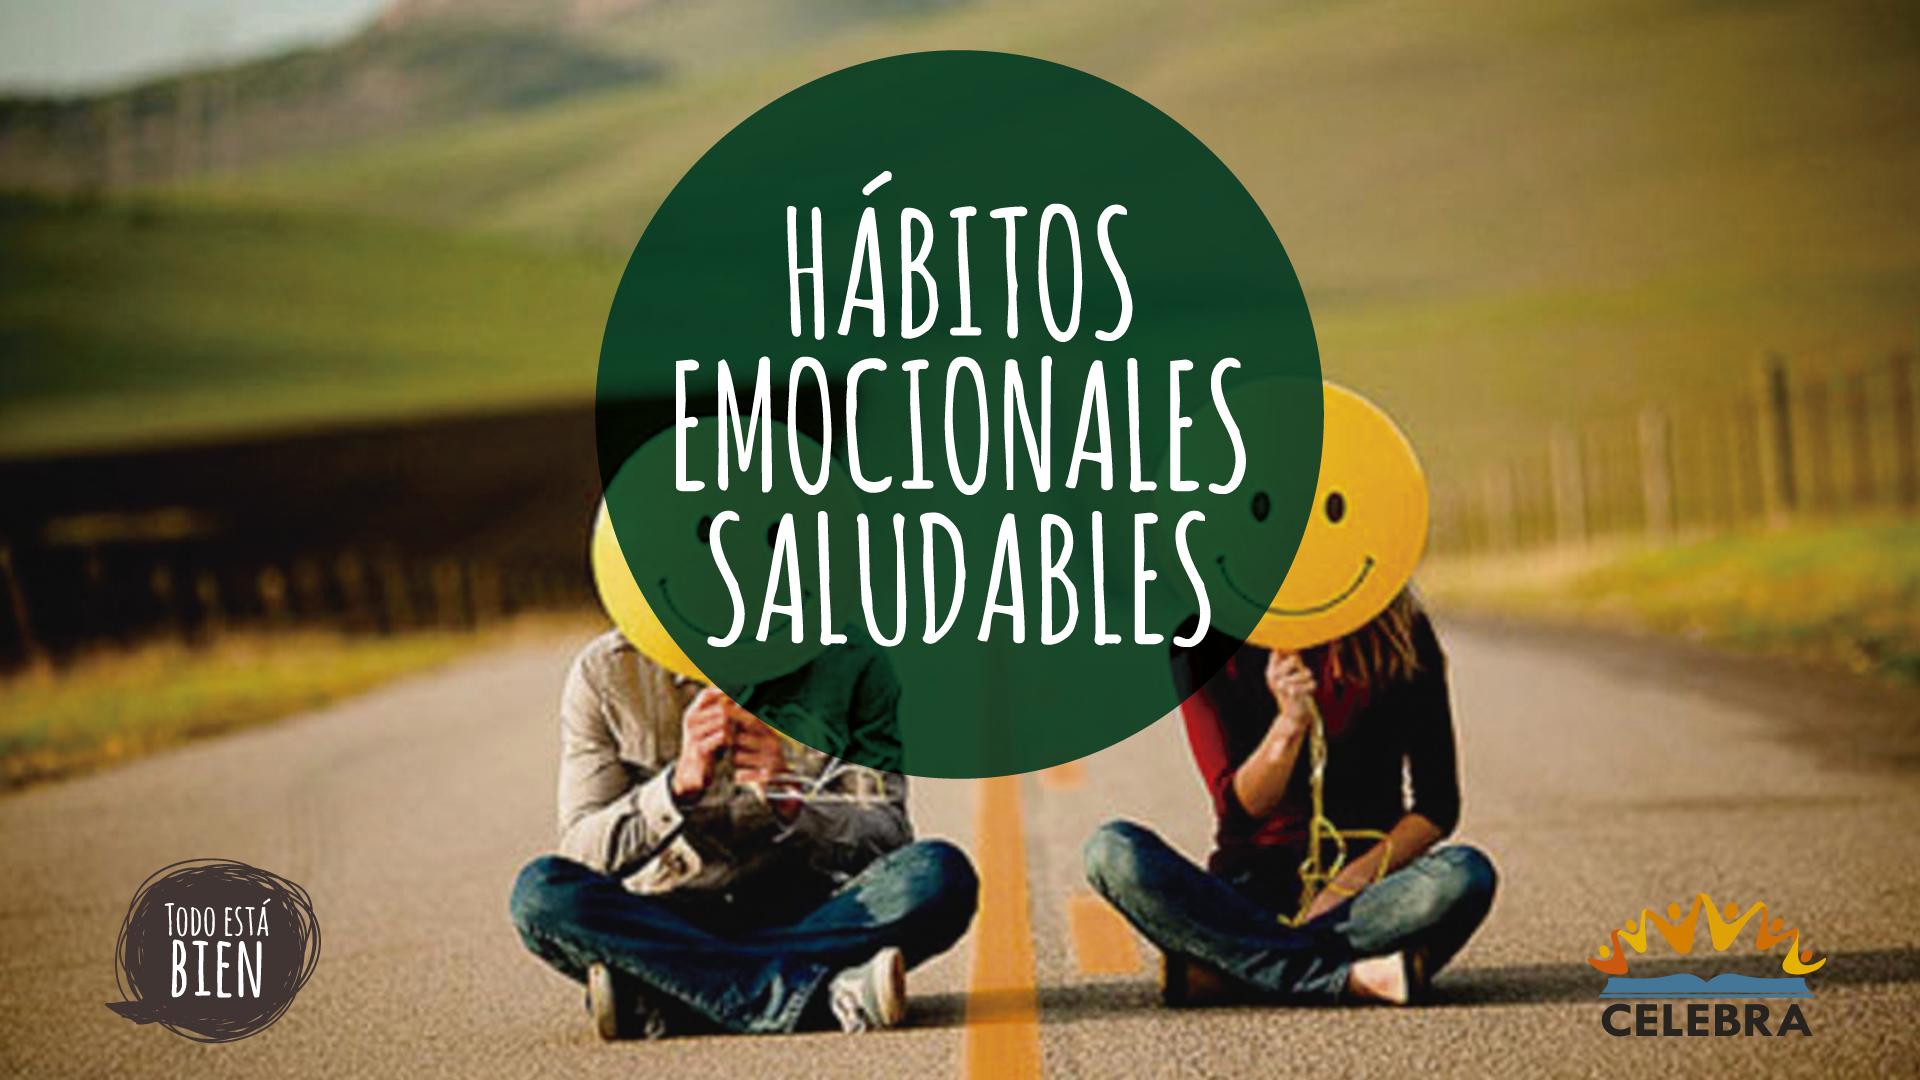 Hábitos Emocionales Saludables